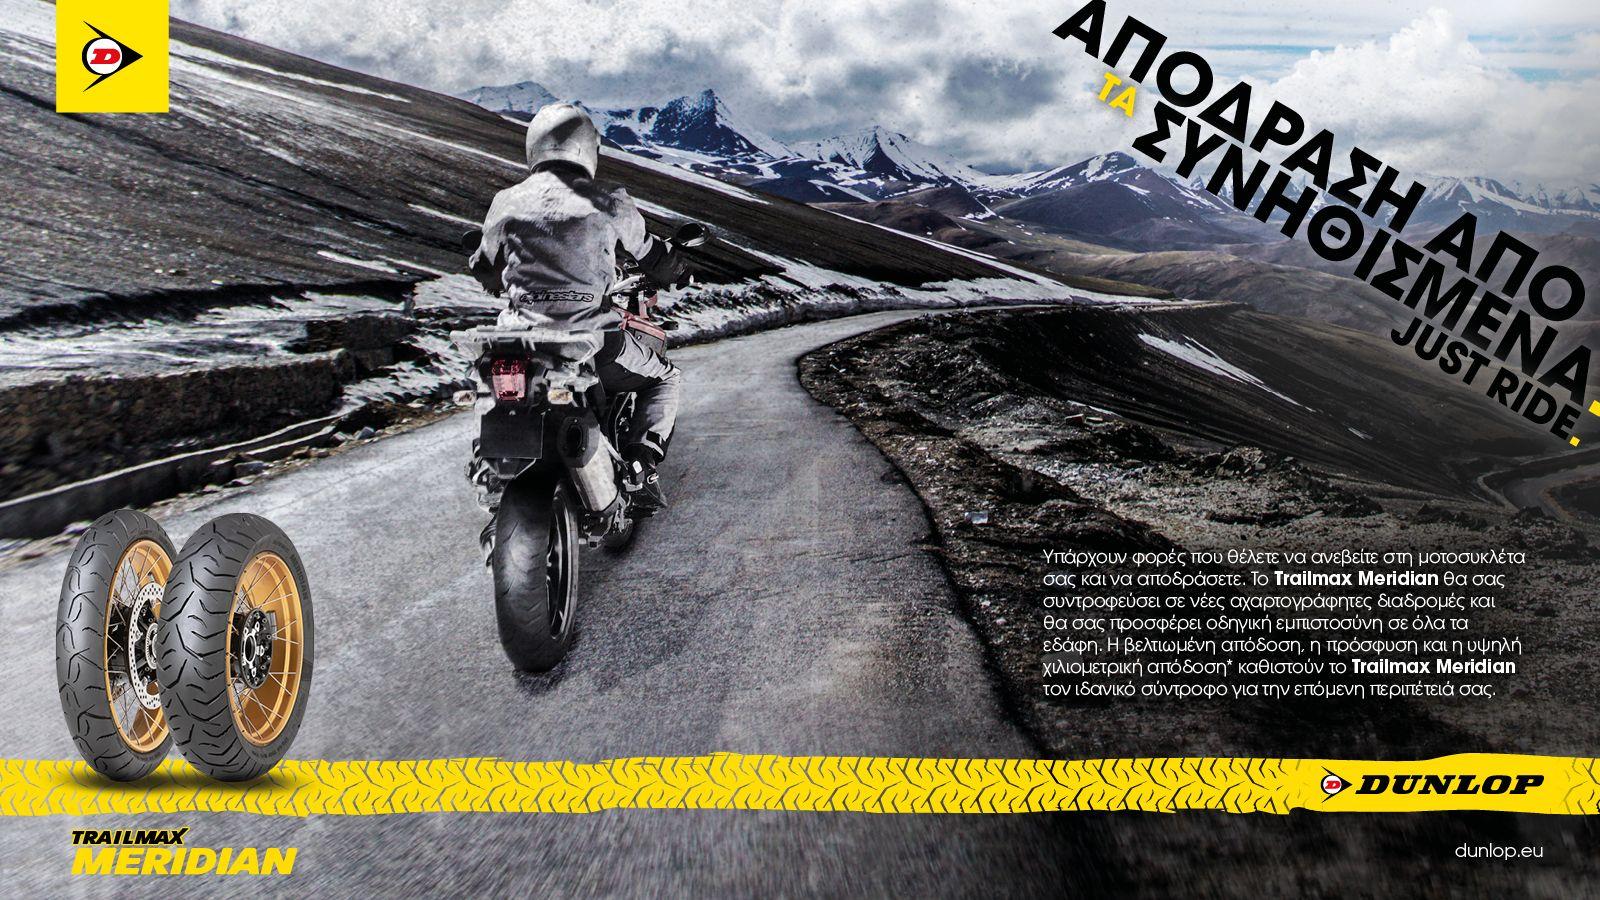 Παρουσίαση: Dunlop - Trailmax Meridian